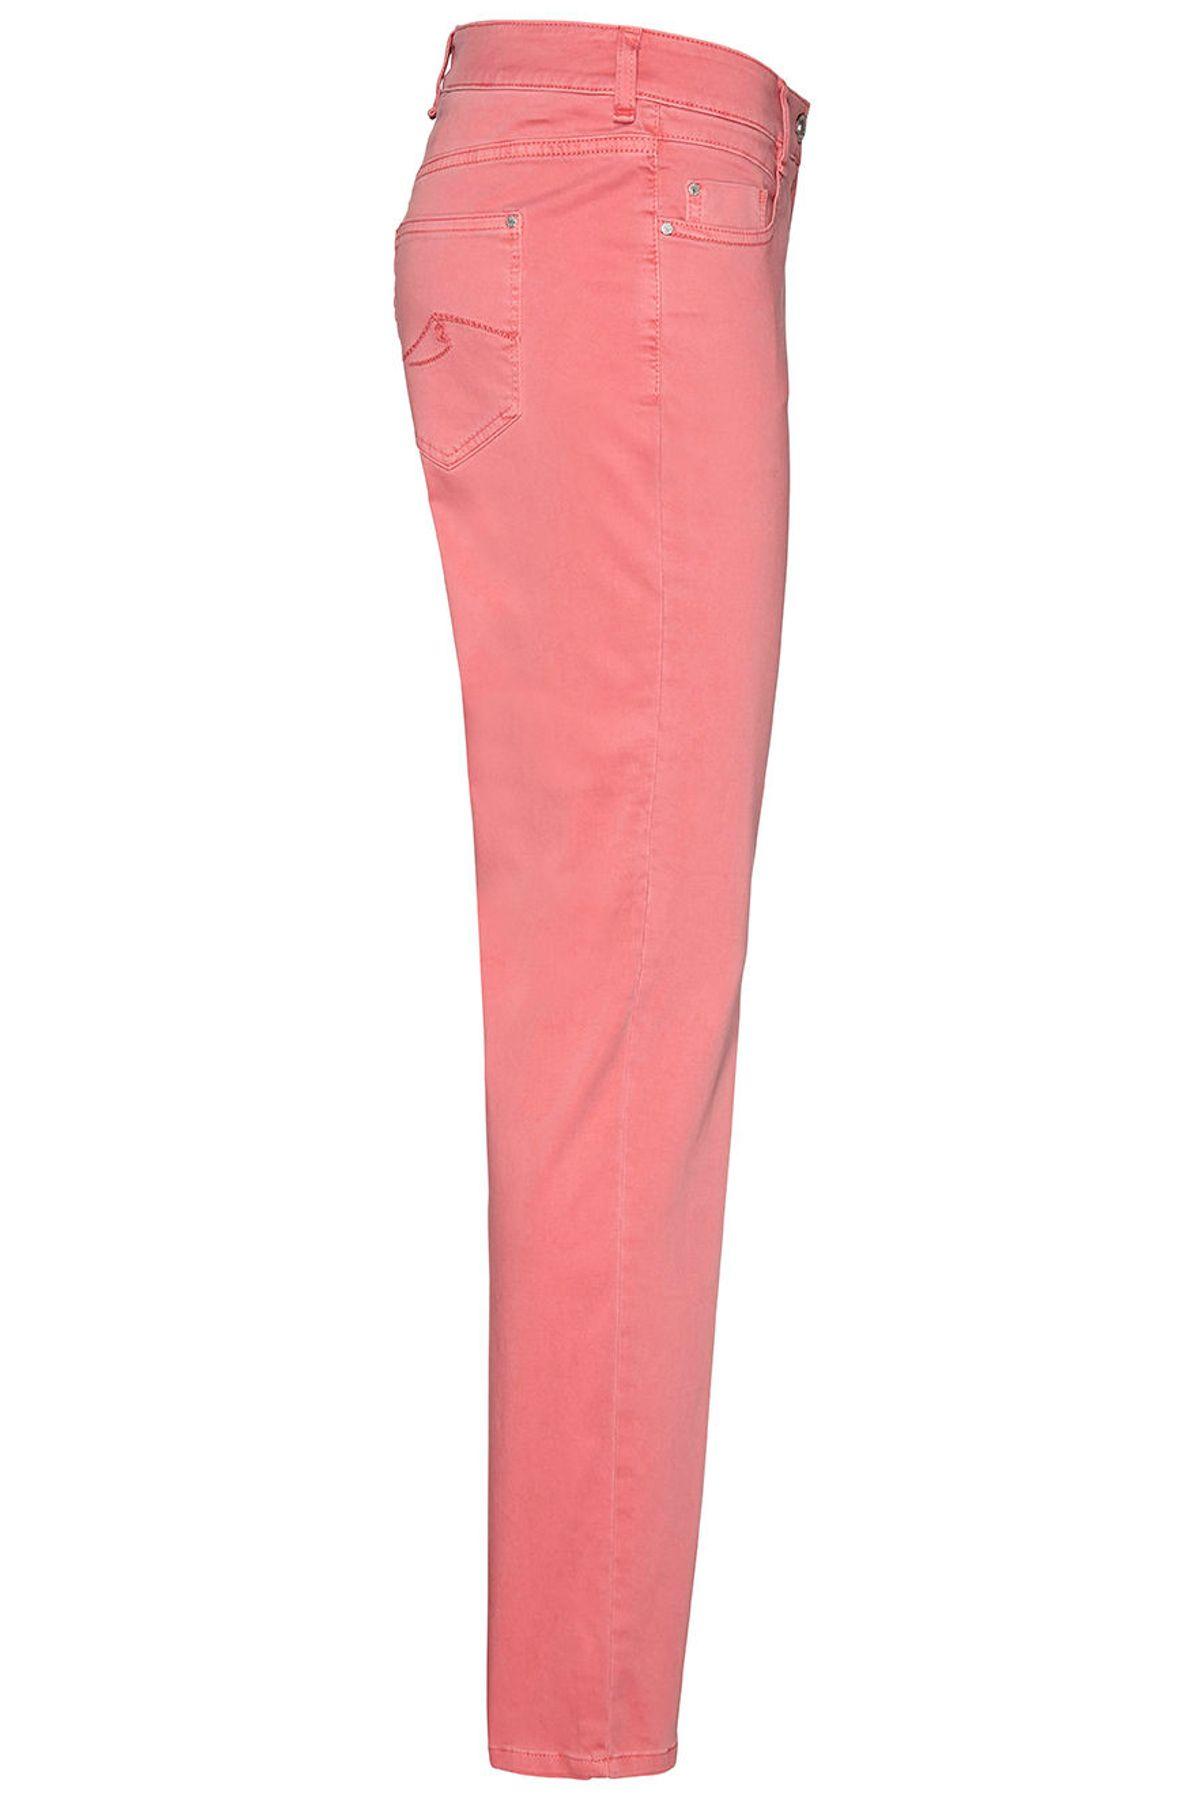 Atelier Gardeur - Slim Fit - Damen 5-Pocket aus Baumwollsatin, verschiedene Farben - Zuri (080501) – Bild 14